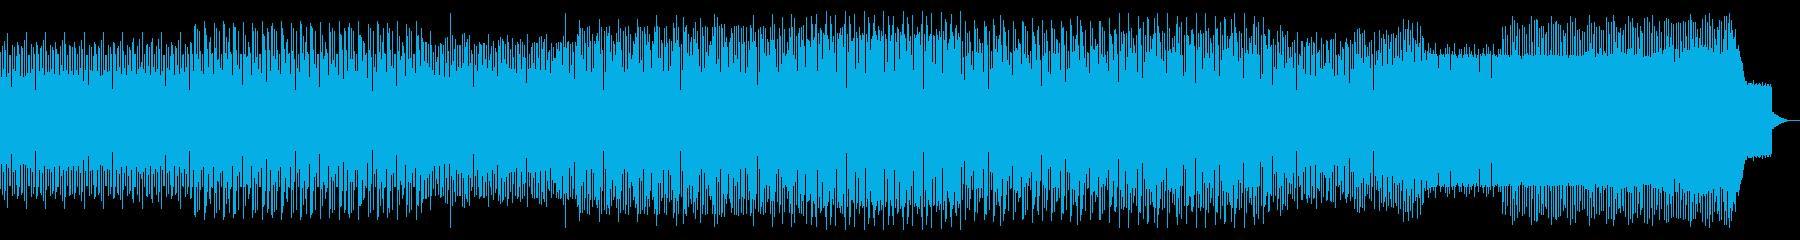 ループミュージック!しっとりとしたハウスの再生済みの波形